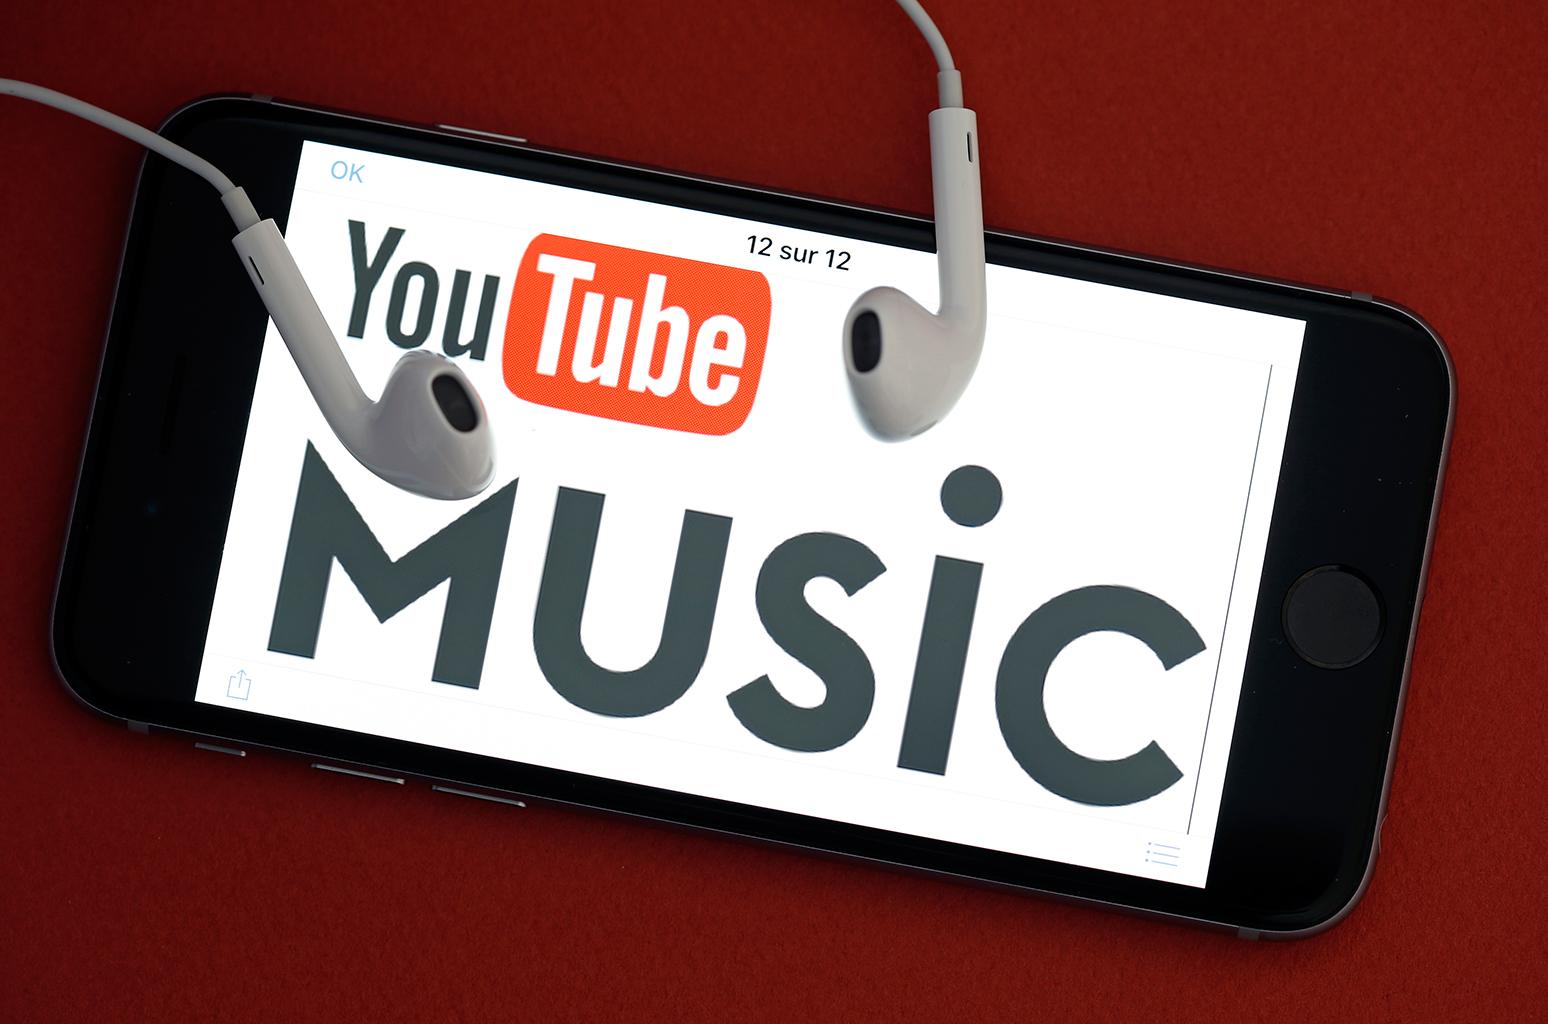 Arrivano in Italia YouTube Music e YouTube Premium